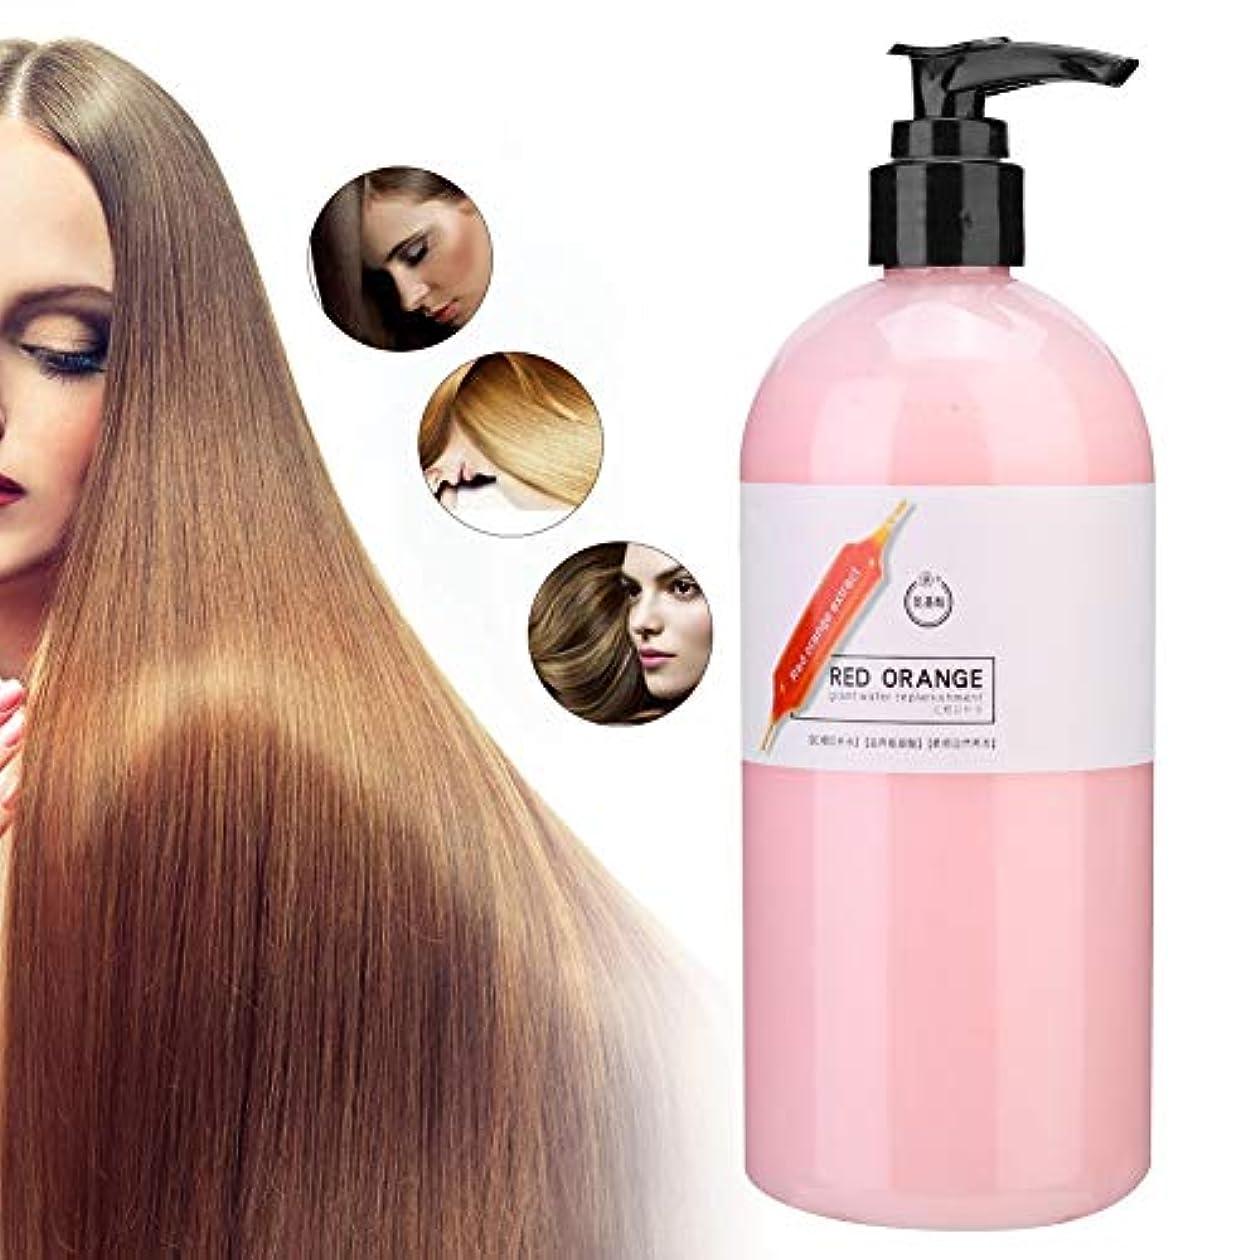 櫛関数レジデンスナリッシングリペアシャンプー、500 ml保湿オイルコントロールふけ防止シャンプー 栄養 修理 ふけ防止 保湿シャンプー すべての髪のタイプに適し